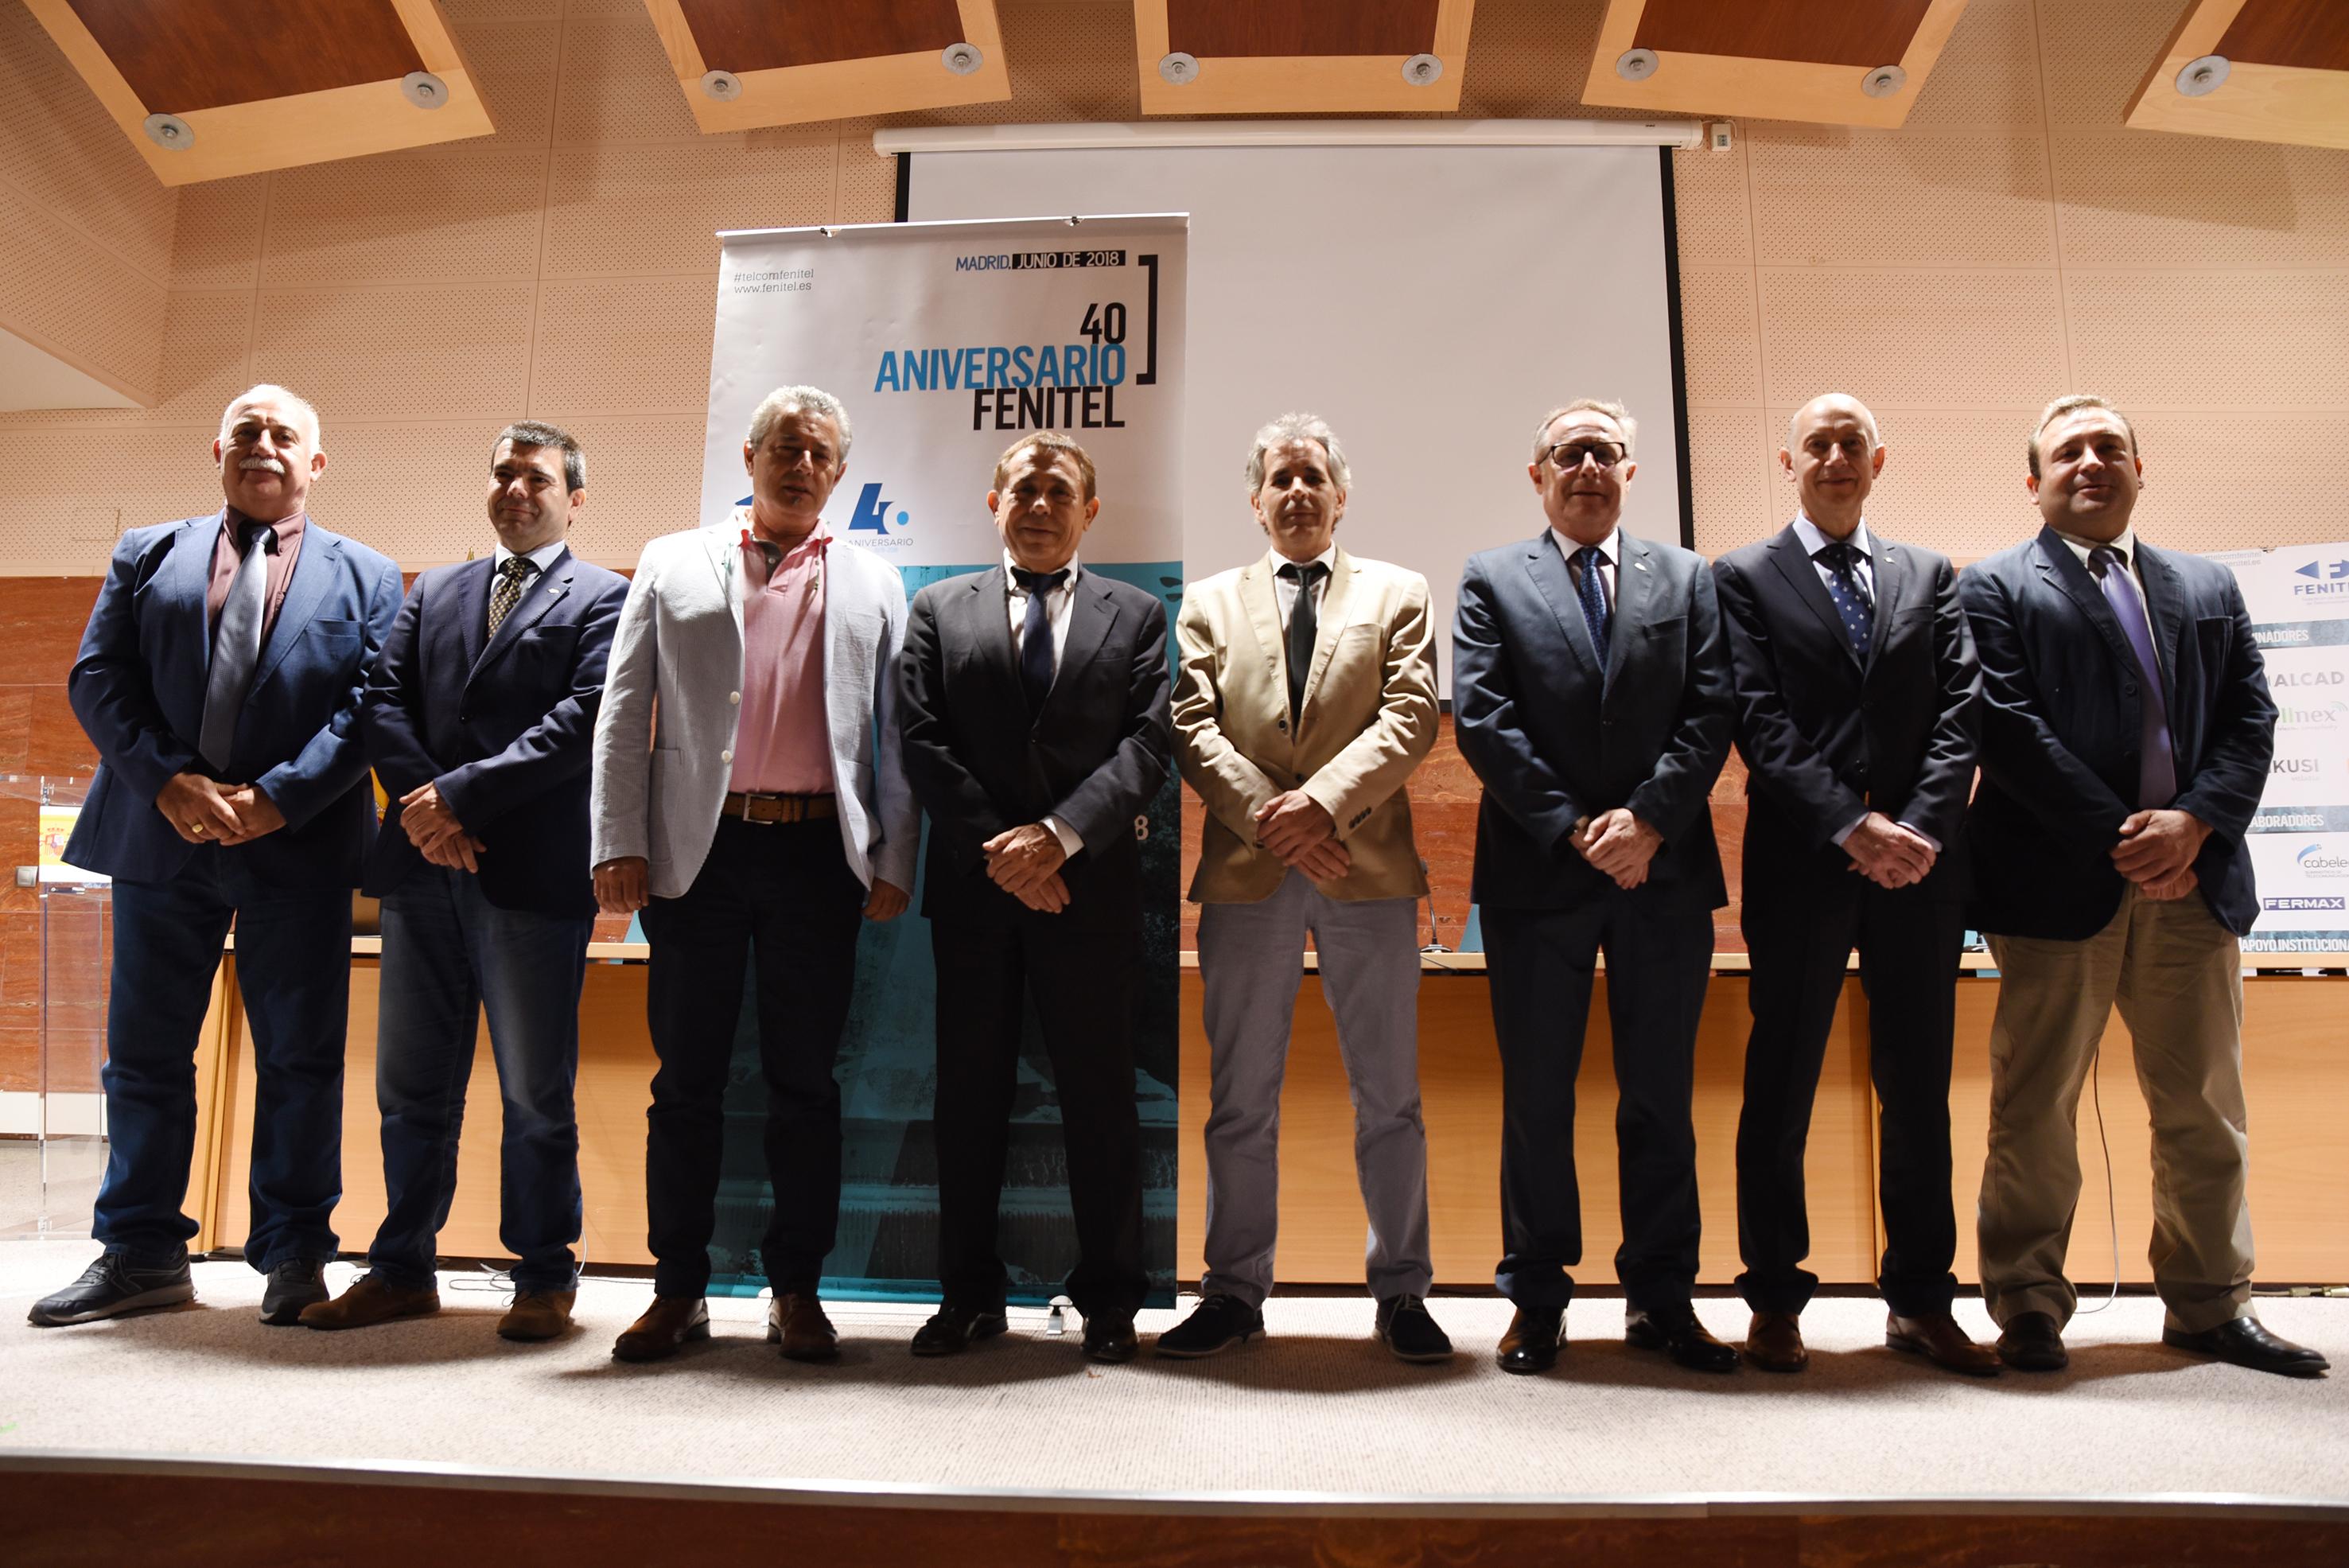 Amplia participación asturiana en el 40 Aniversario de FENITEL 1 Durante los días 21 y 22 de junio, una amplia delegación de Fenitel Asturias participó en la Asamblea General de nuestra Federación Nacional, FENITEL, así